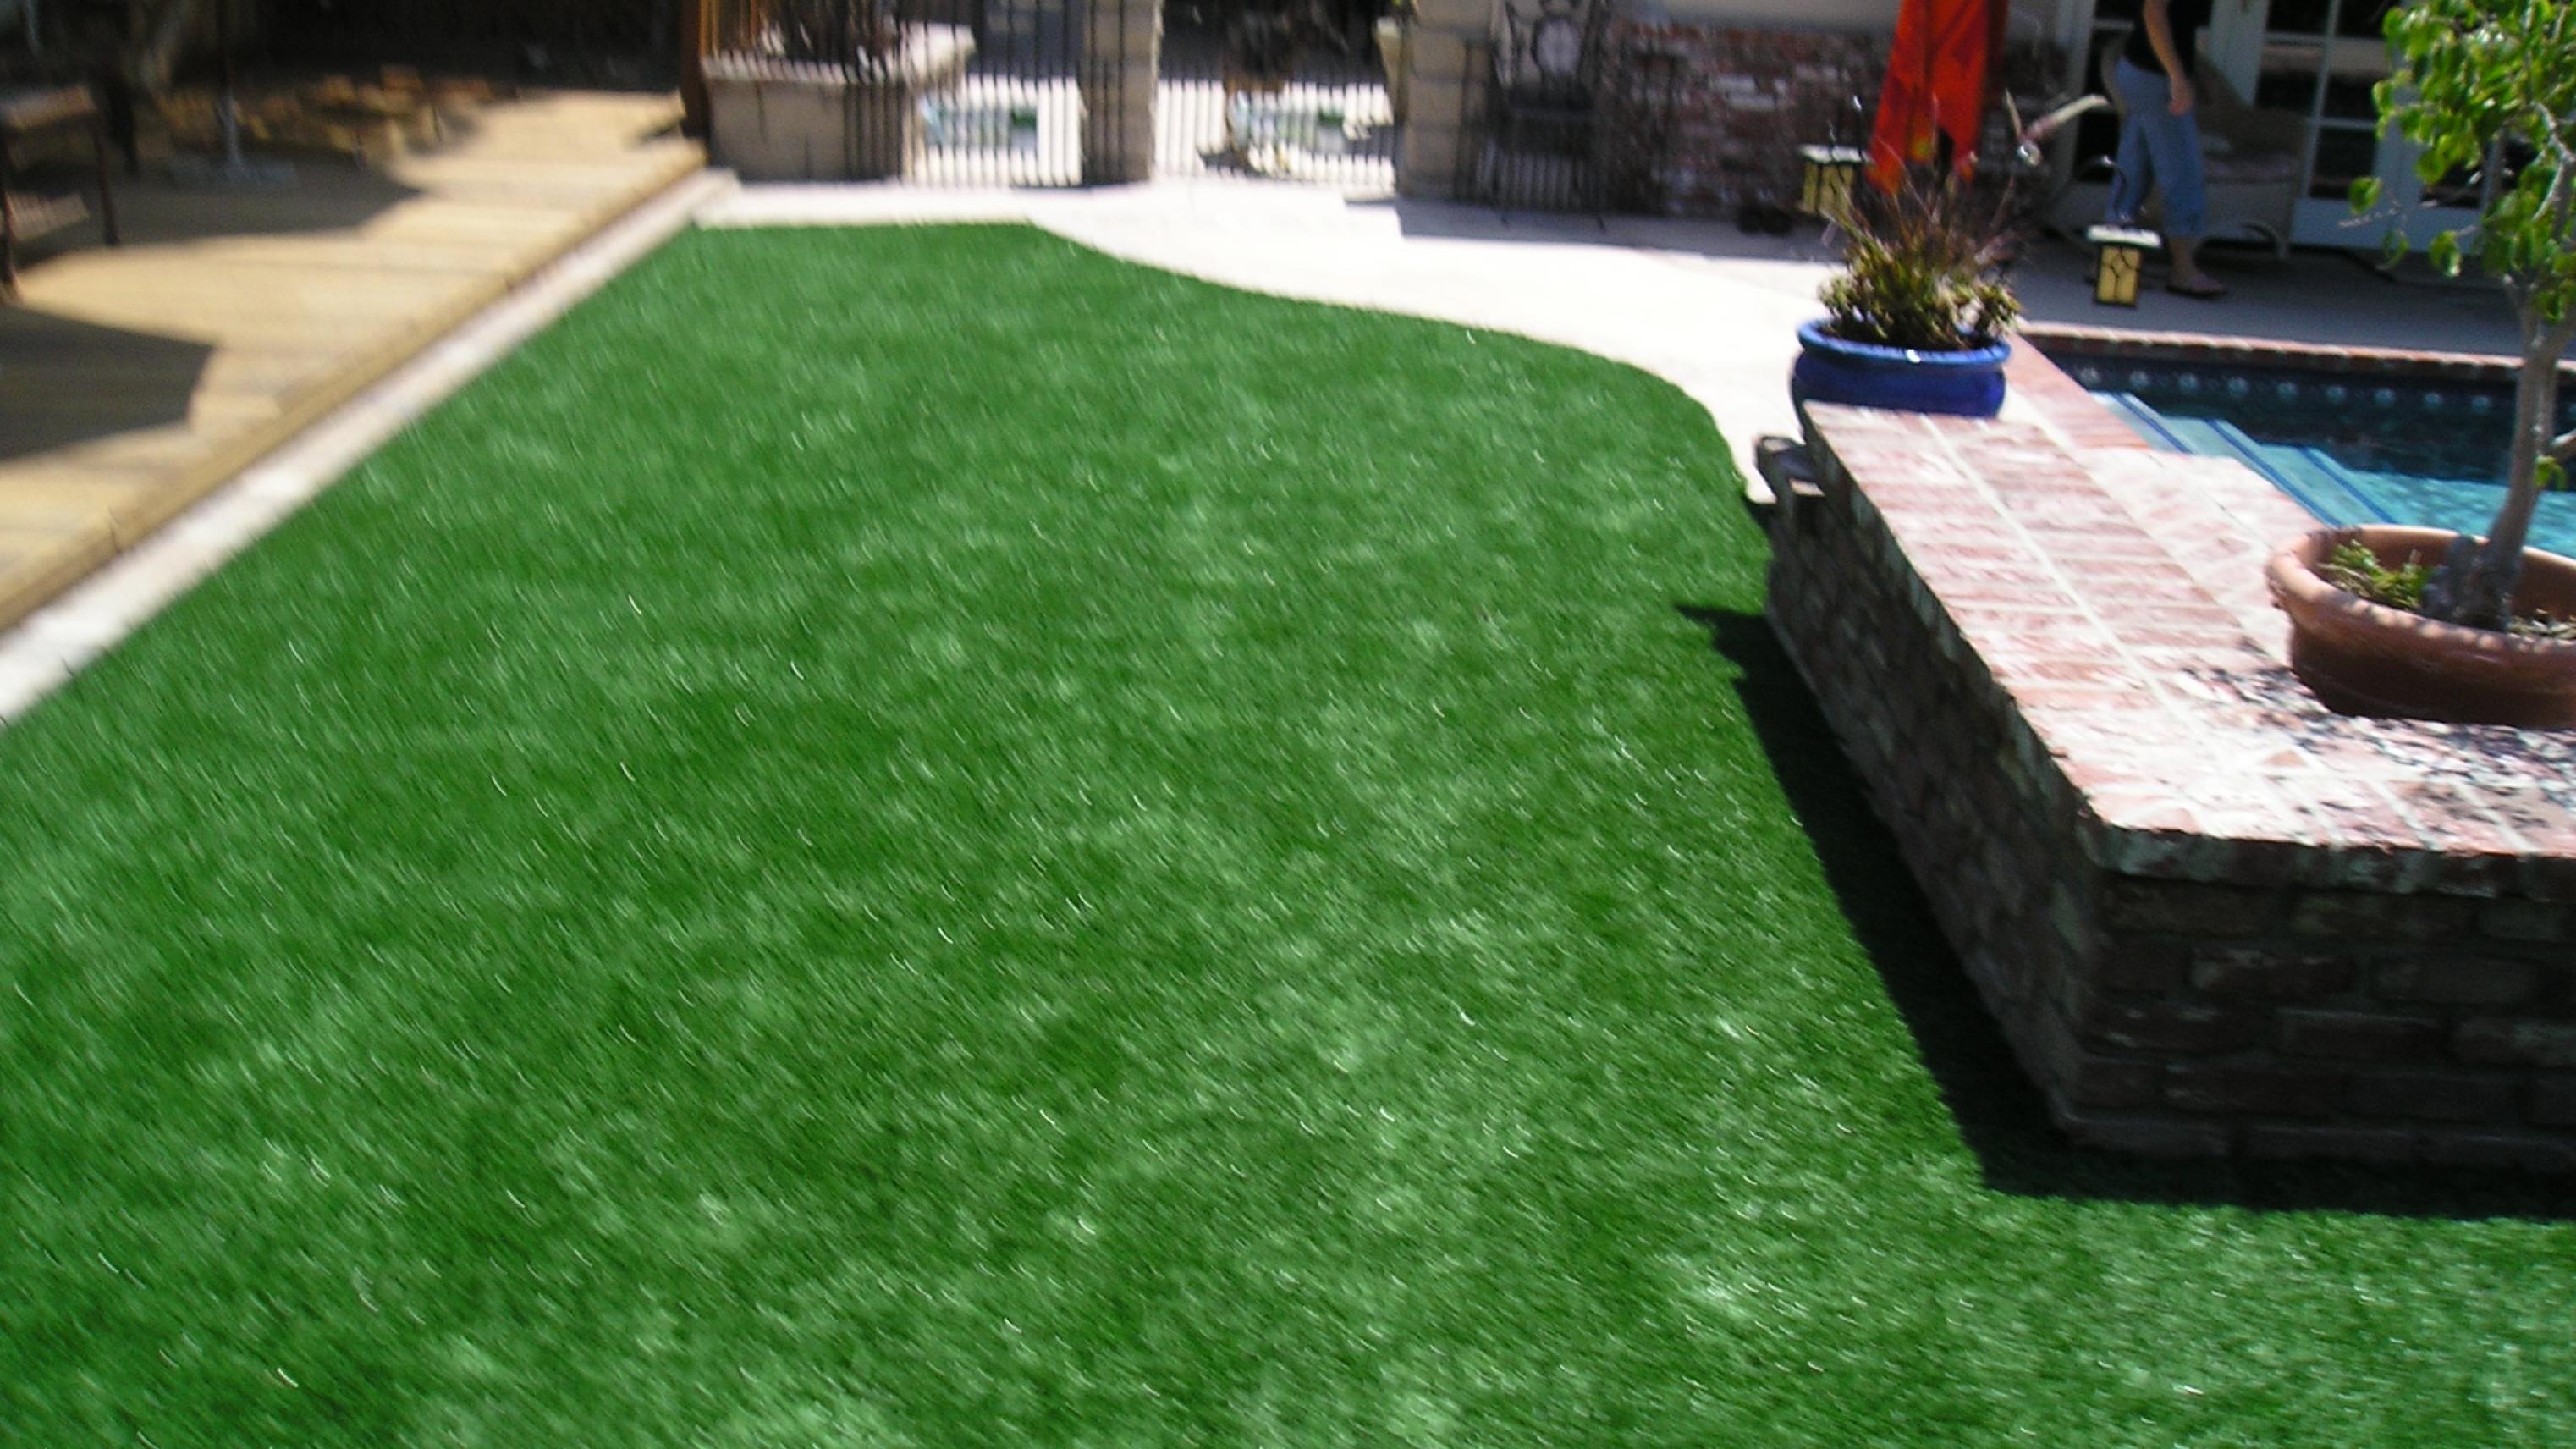 Super Natural 60 artificial grass,fake grass,synthetic grass,grass carpet,artificial grass rug